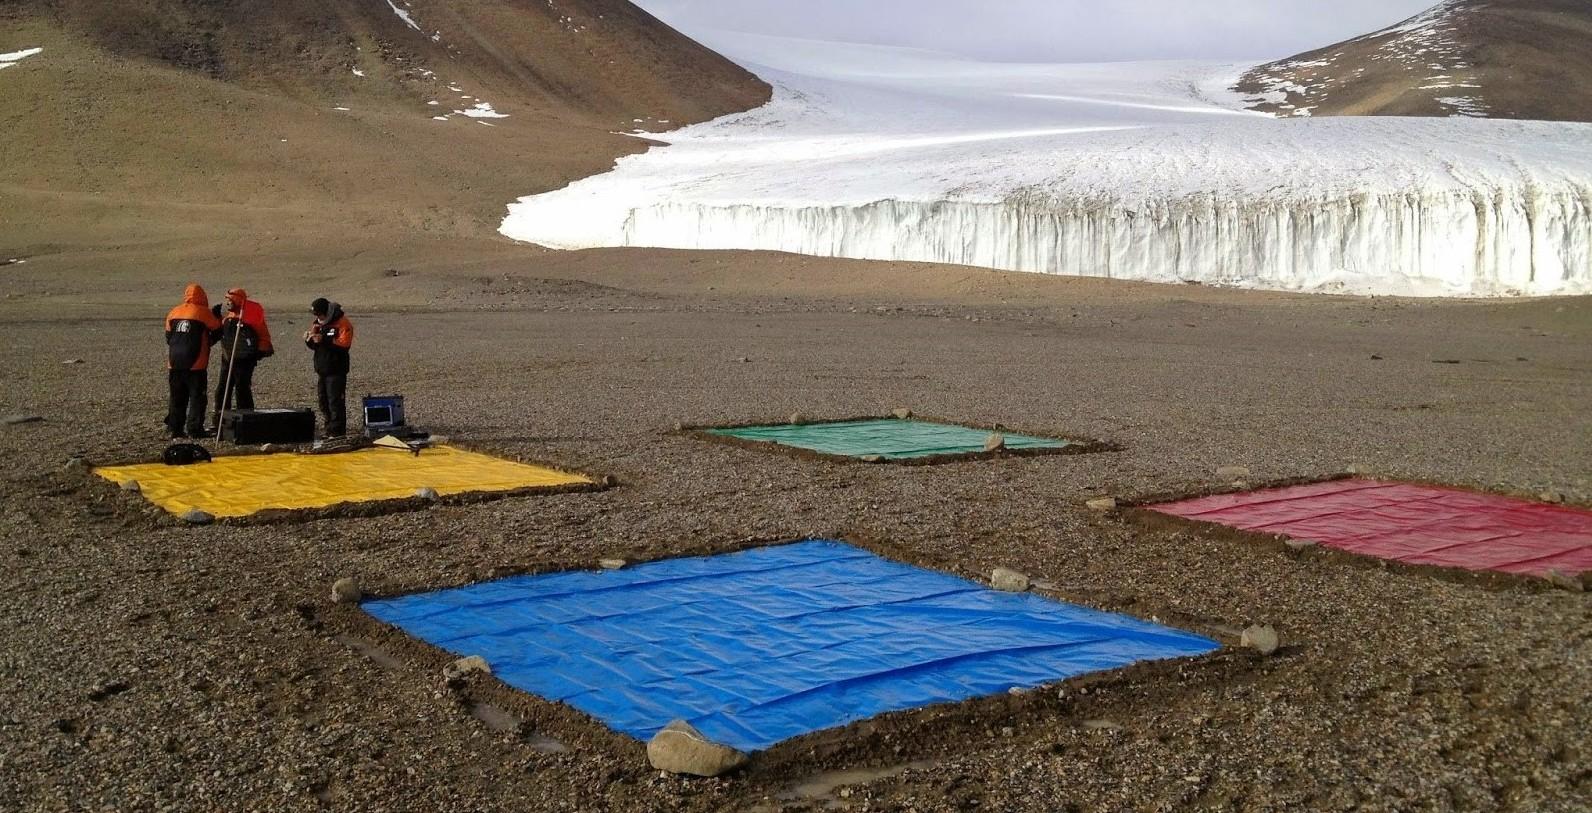 kuru-vadi-kabatik Dünyanın en kurak yeri: 2 milyon yıldır yağış yok! Bilgiler